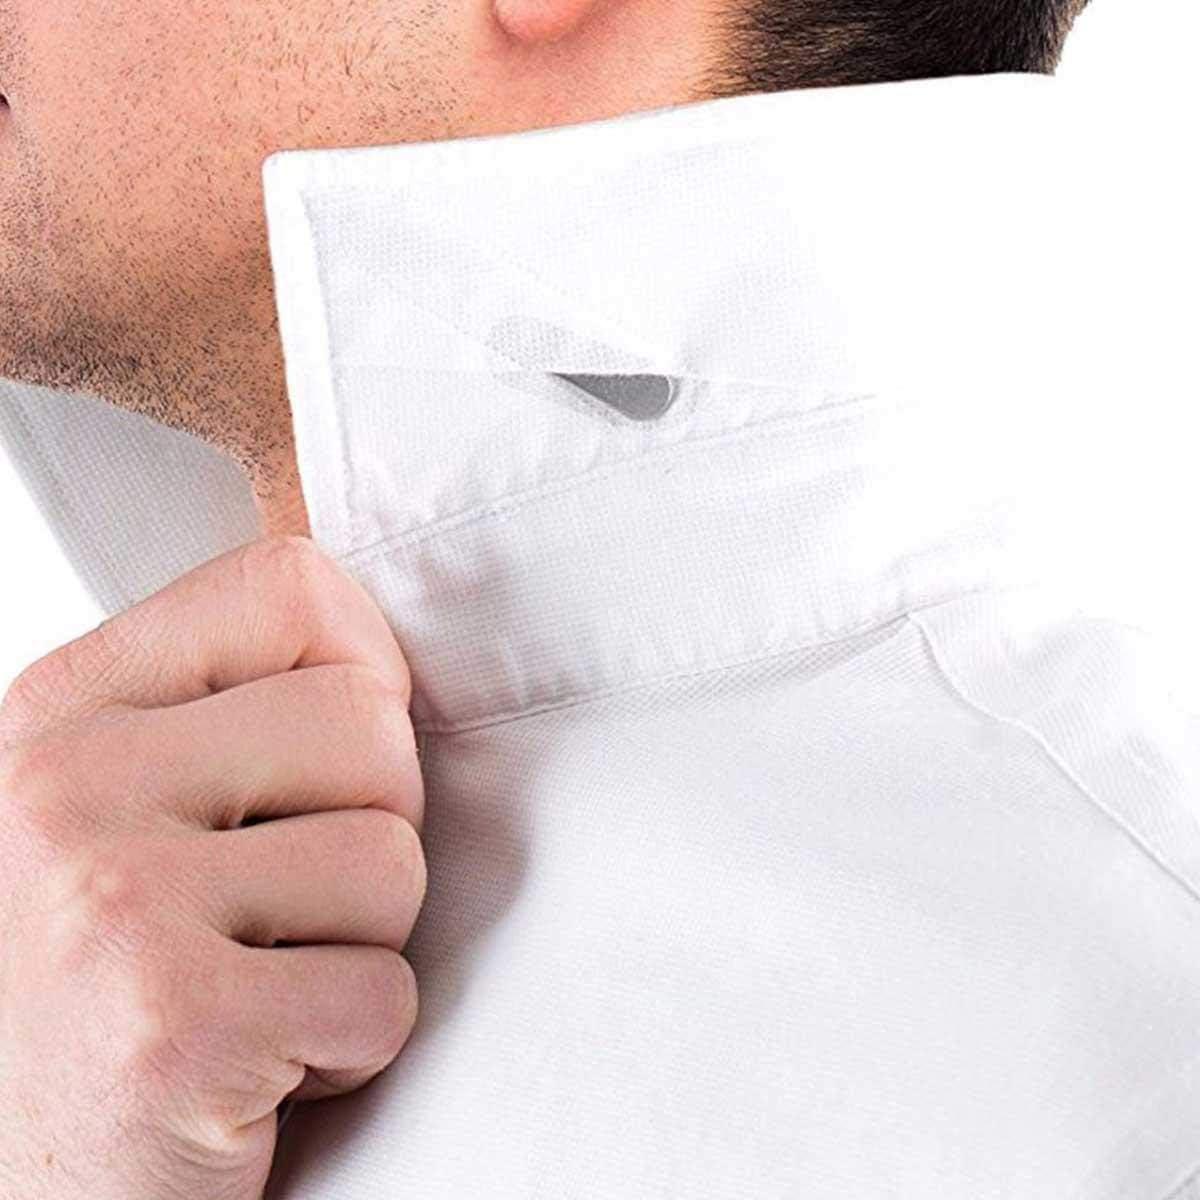 6 Ballenas Camisa Metal con 6 Imanes, AOLVO Ballenas Magneticas Camisa Cuello Camisa Varillas Collar Stays para Hombre, 3 Tamaños en una Caja de ...